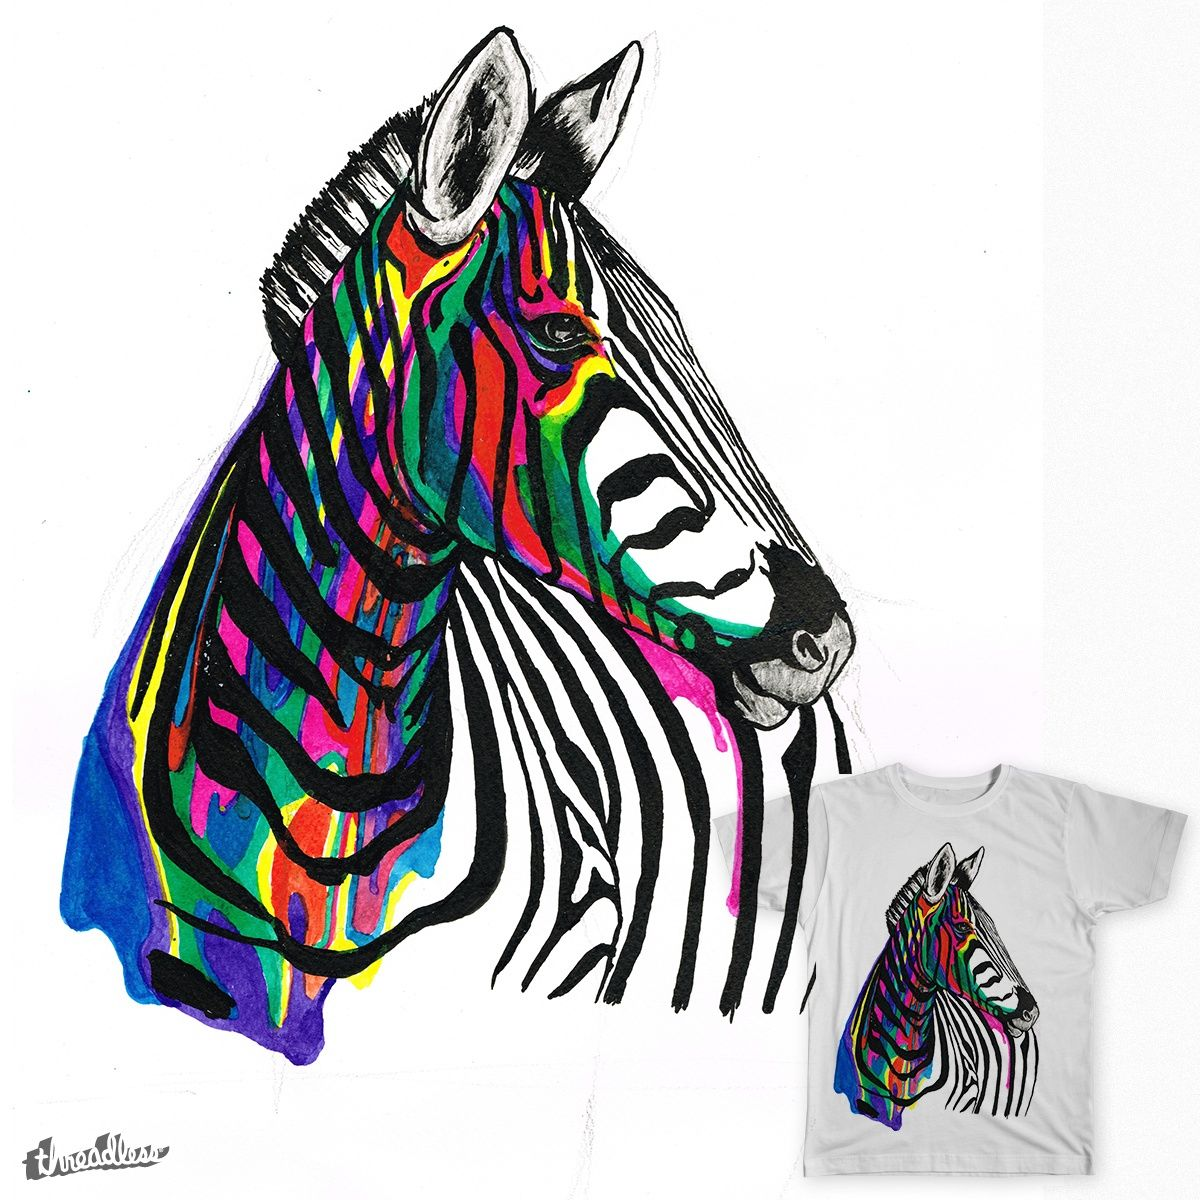 Pin by Susan Hutchings on ZEBRA PRINT Zebra art, Zebra